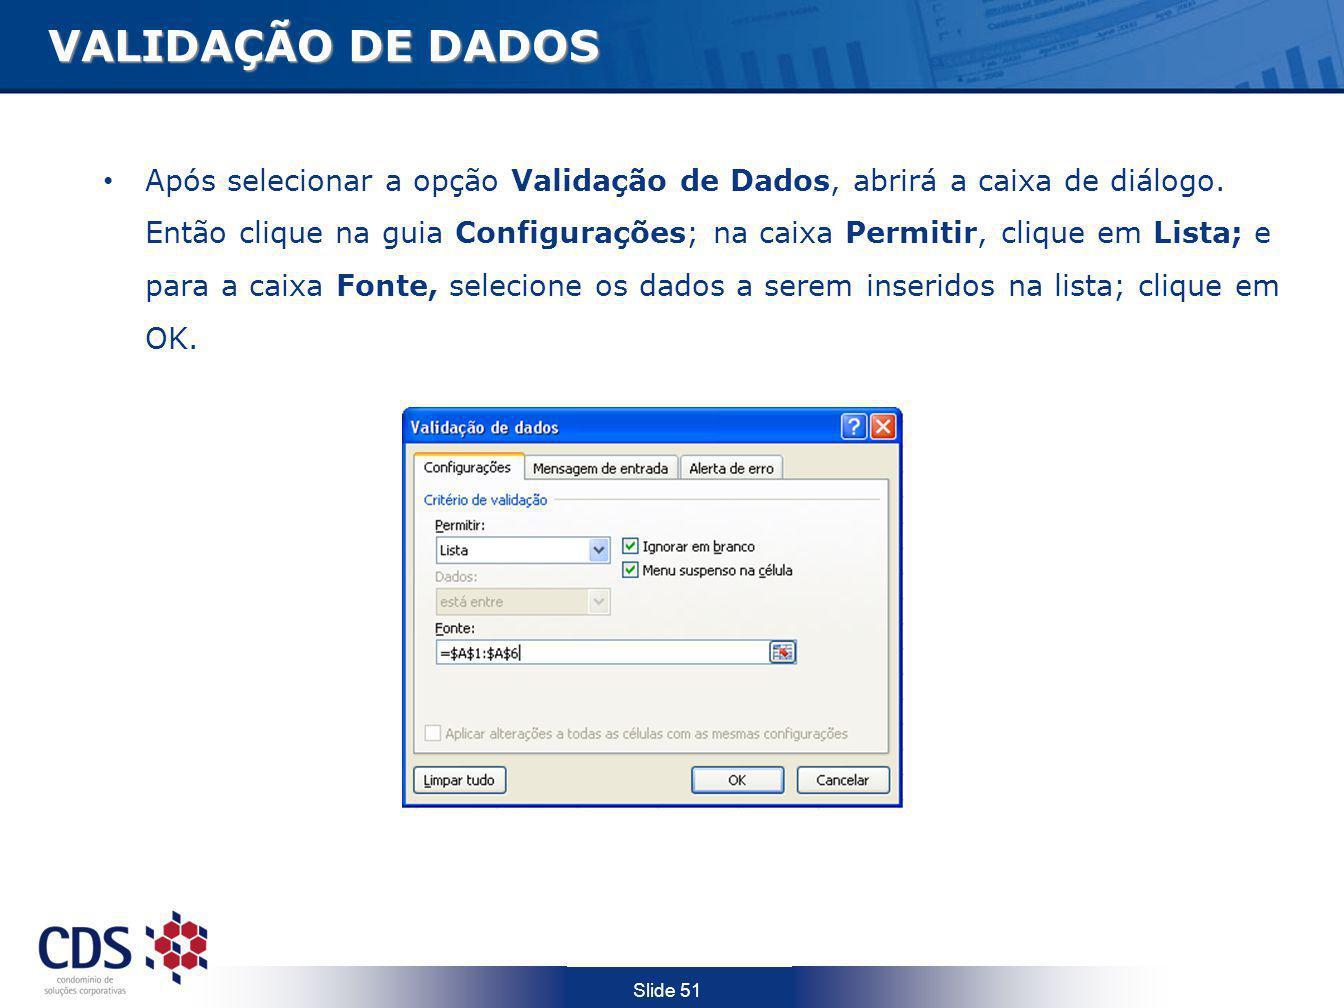 Slide 51 VALIDAÇÃO DE DADOS VALIDAÇÃO DE DADOS Após selecionar a opção Validação de Dados, abrirá a caixa de diálogo. Então clique na guia Configuraçõ